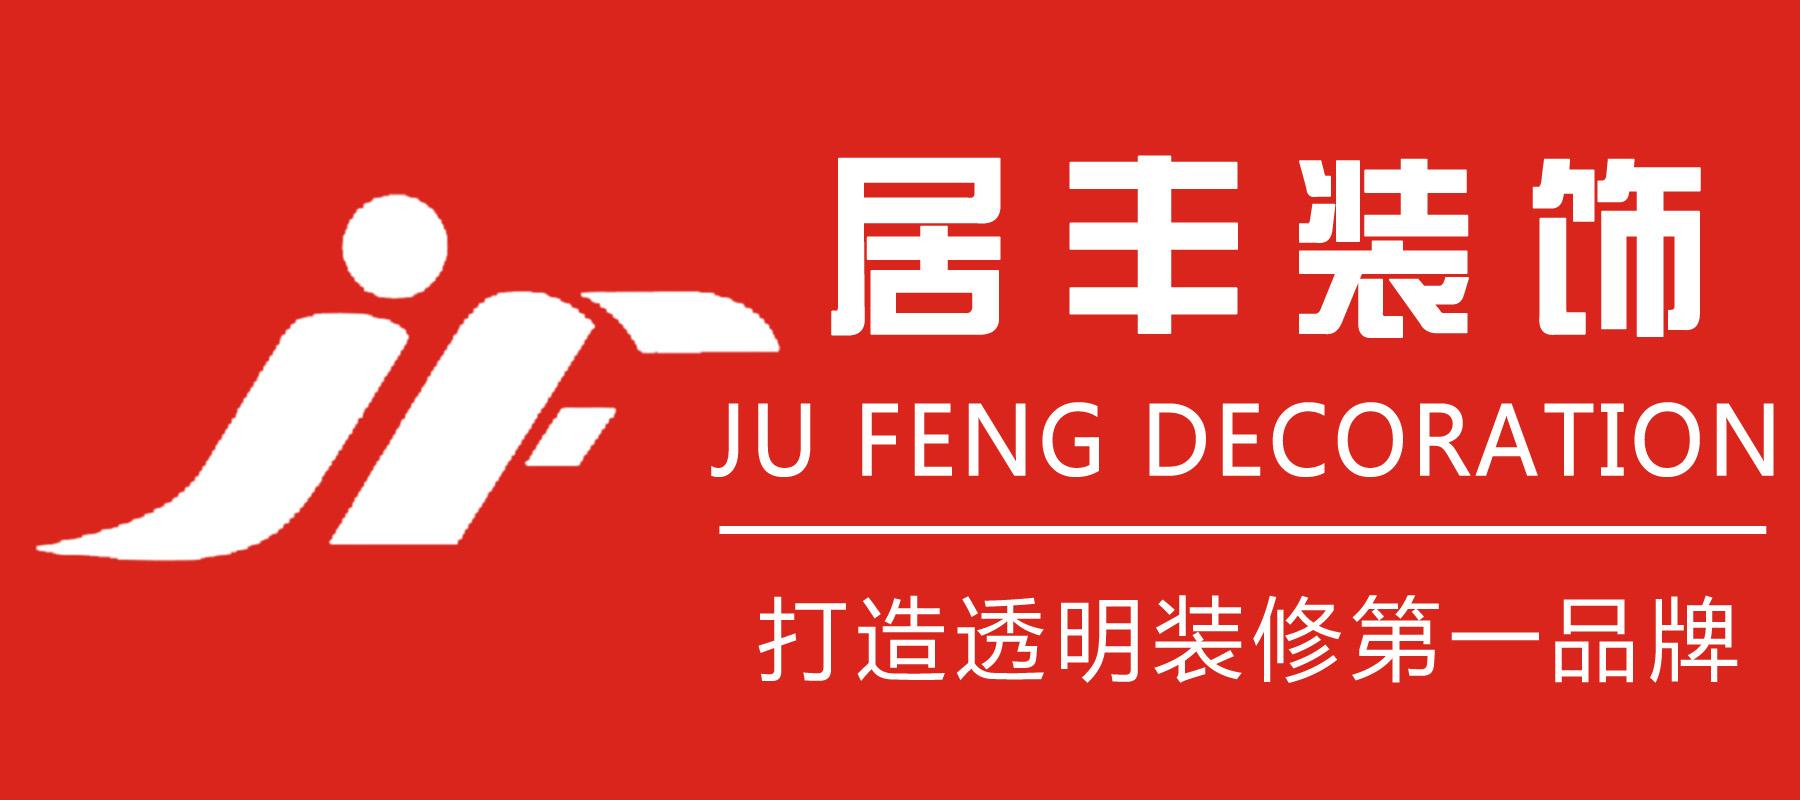 深圳市居丰装饰设计工程有限公司